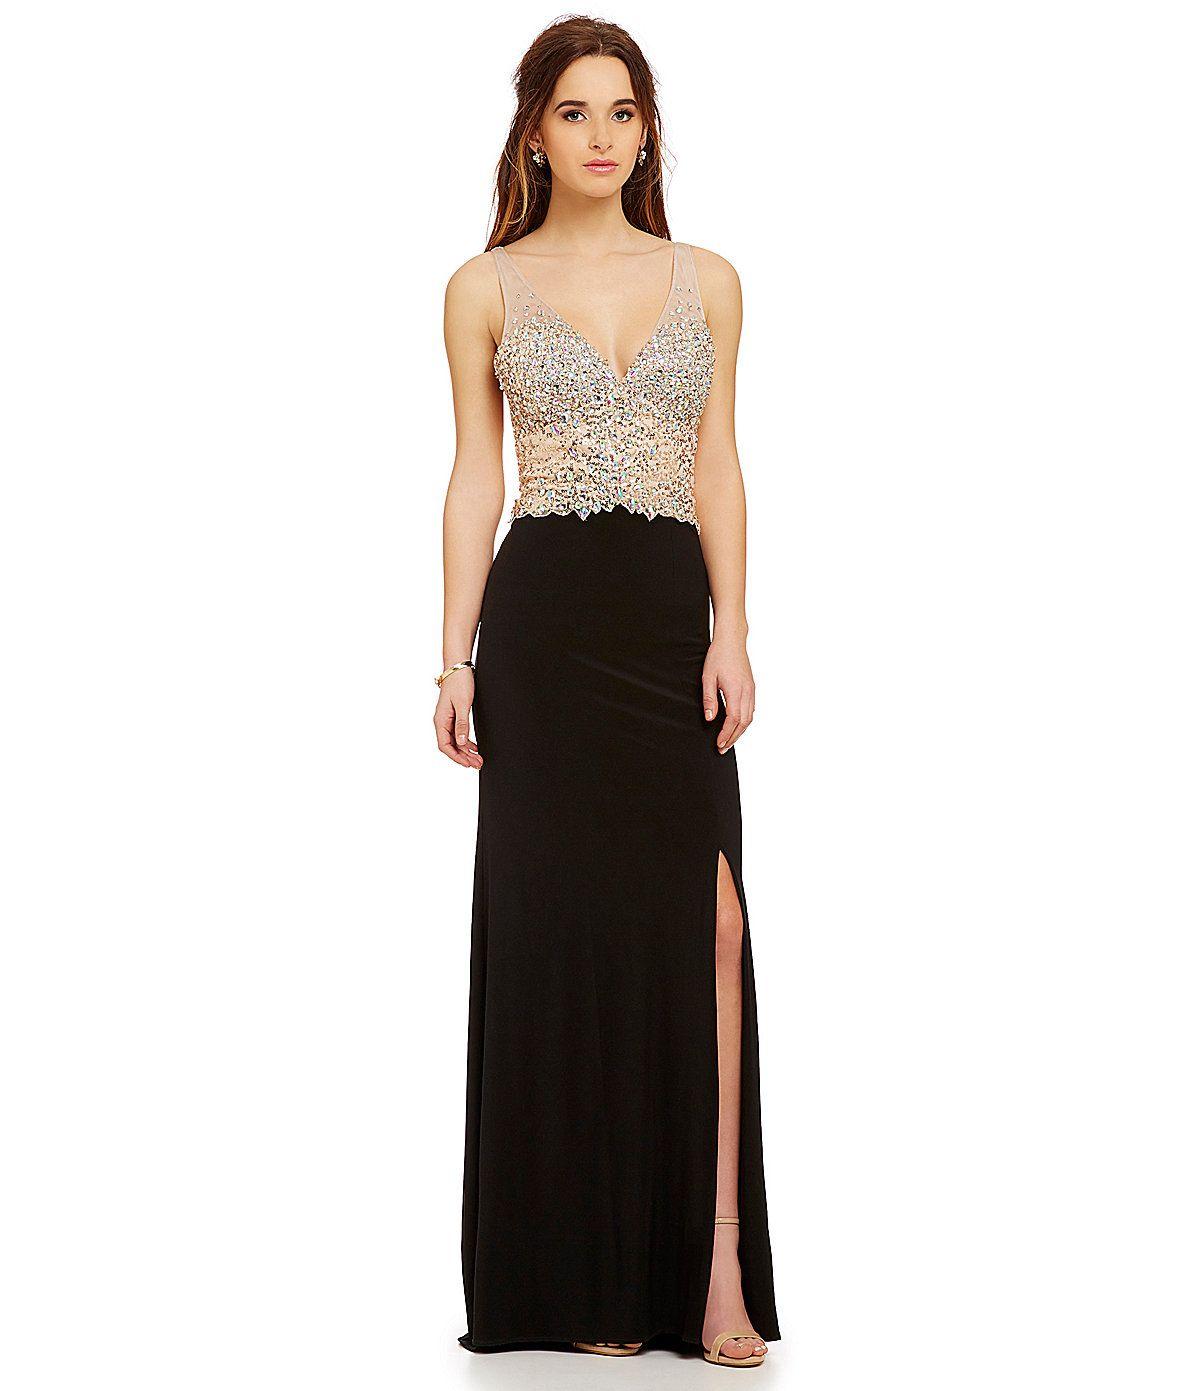 Gold Prom Dresses 2015 Dillard's